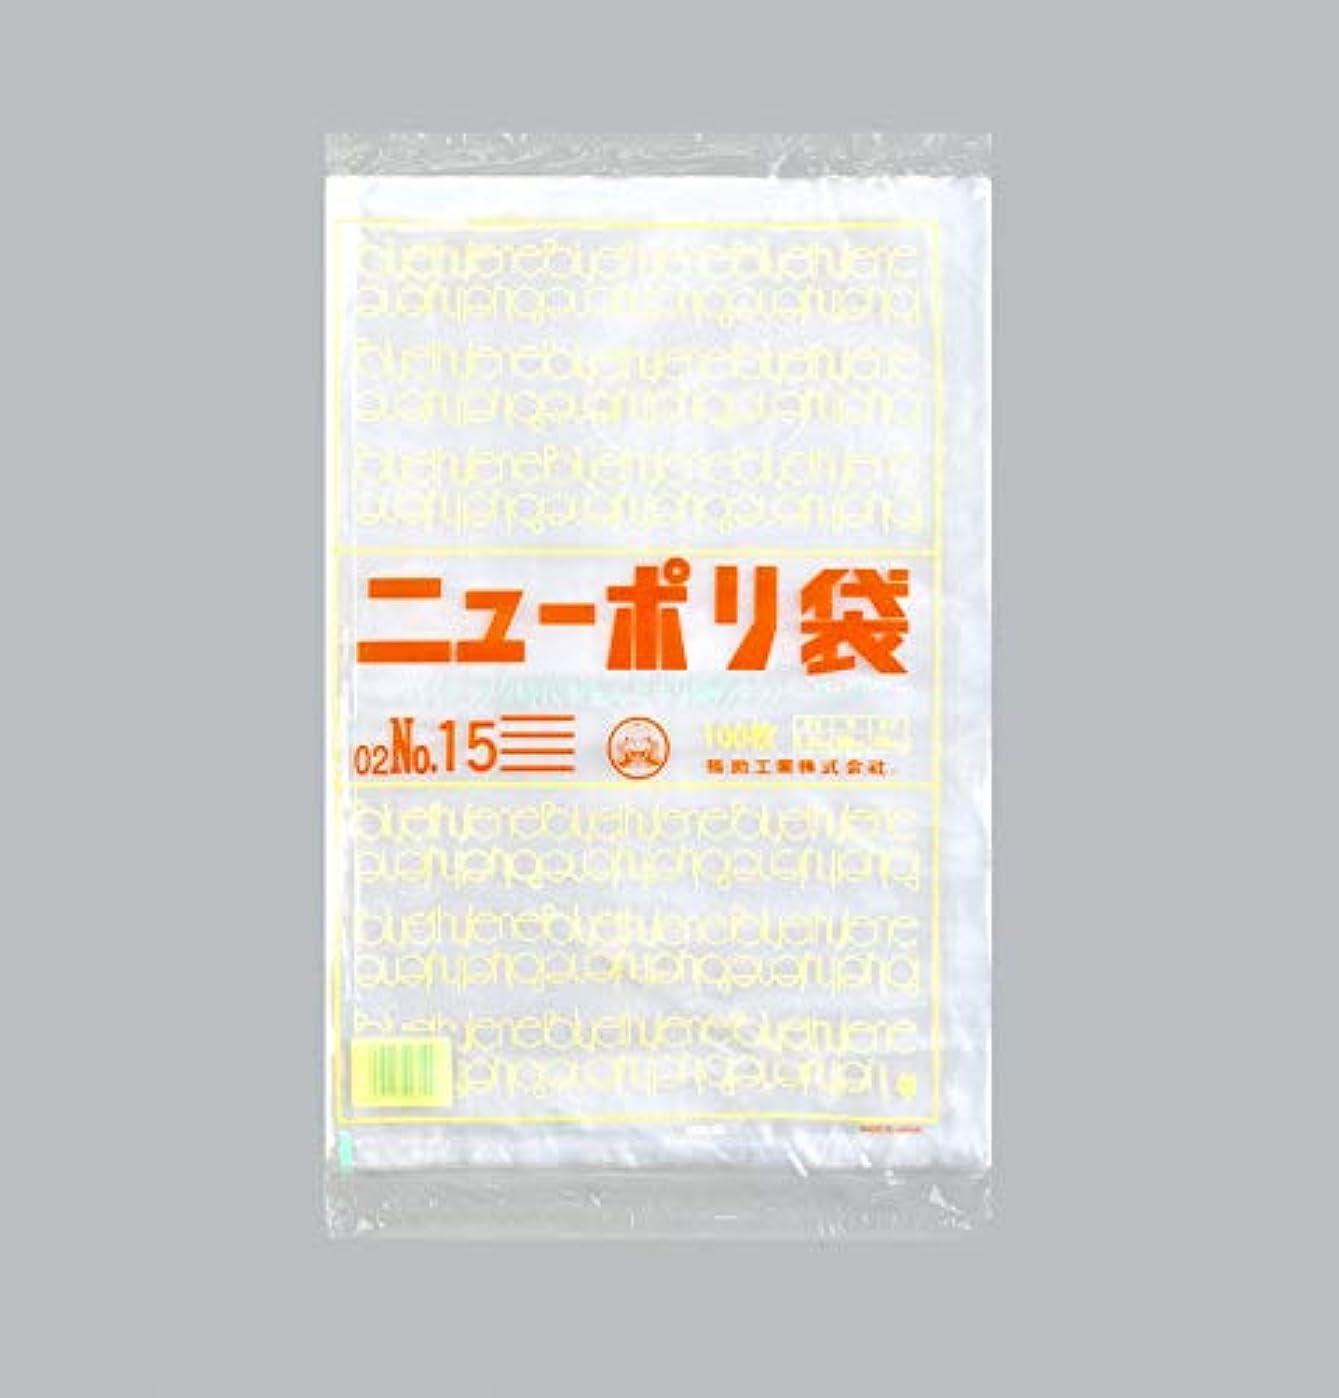 つかむ解読する戻る福助工業株式会社 ニューポリ袋 02 No.15 (1ケース:4000枚)